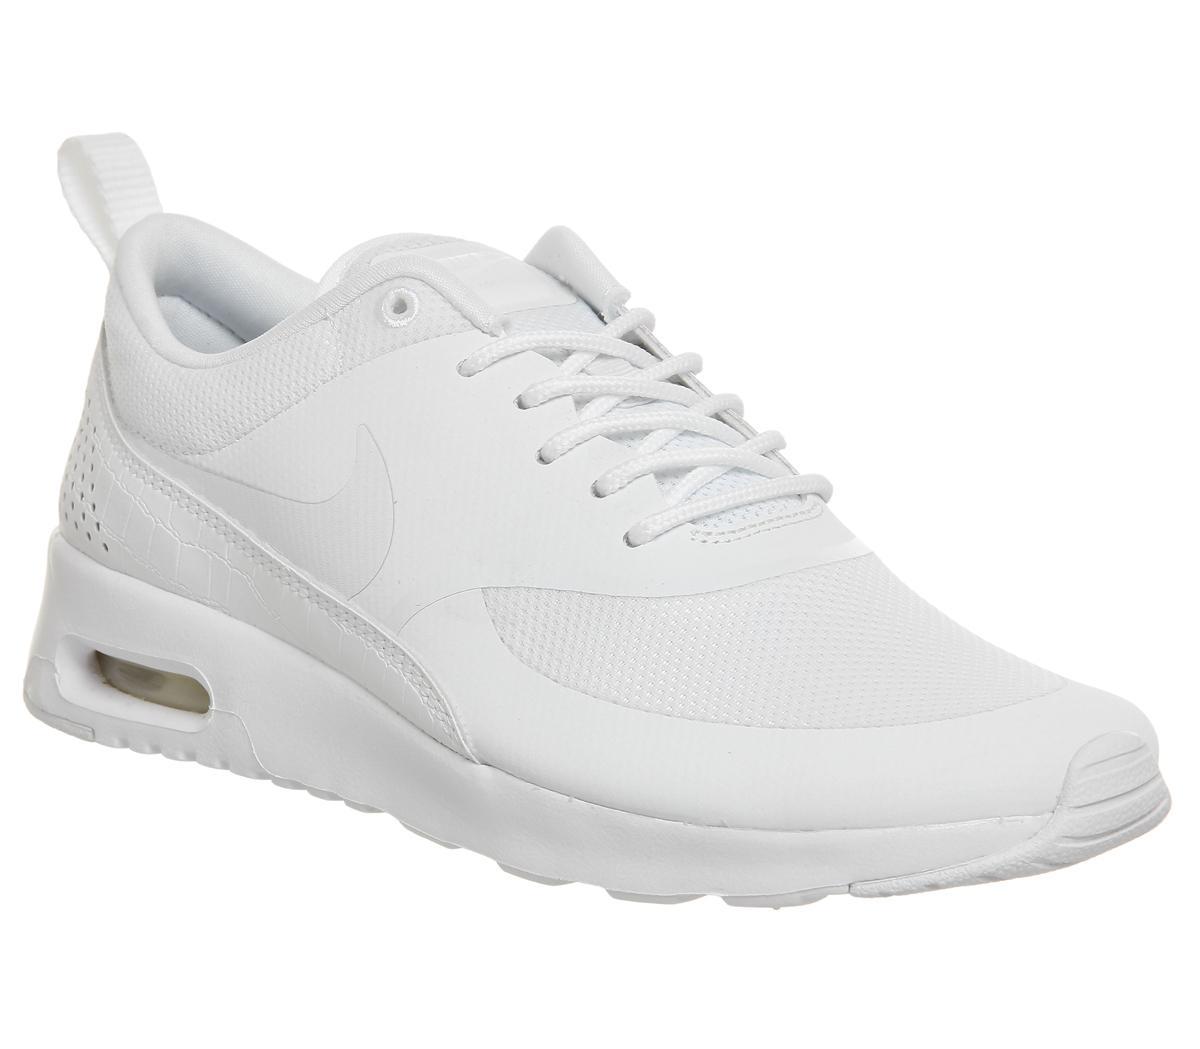 Nike Air Max Thea White Trainers